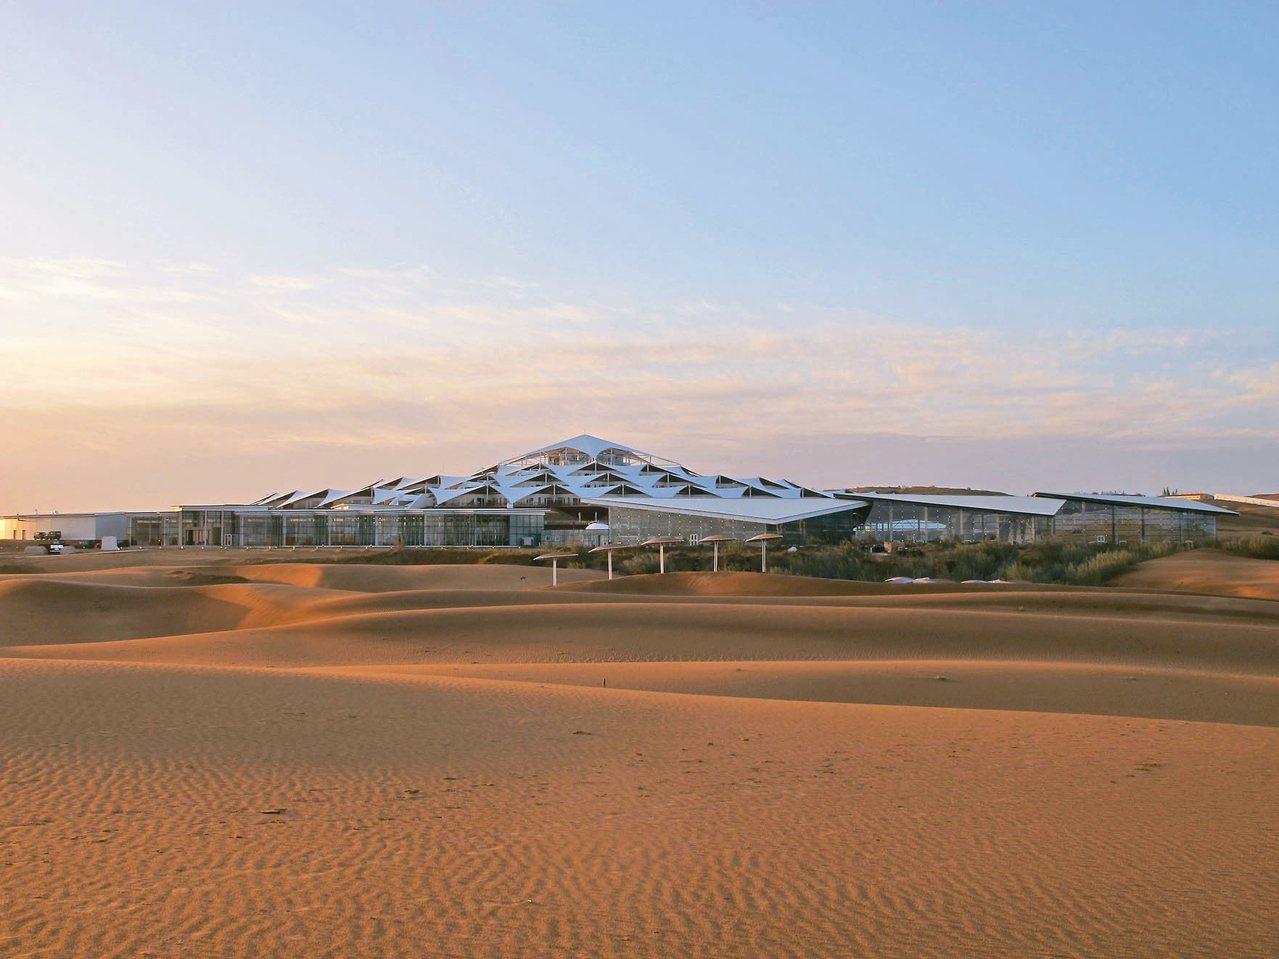 蓮花酒店每一間房間都是擁有無敵的「沙景房」。 記者章淑曼/攝影